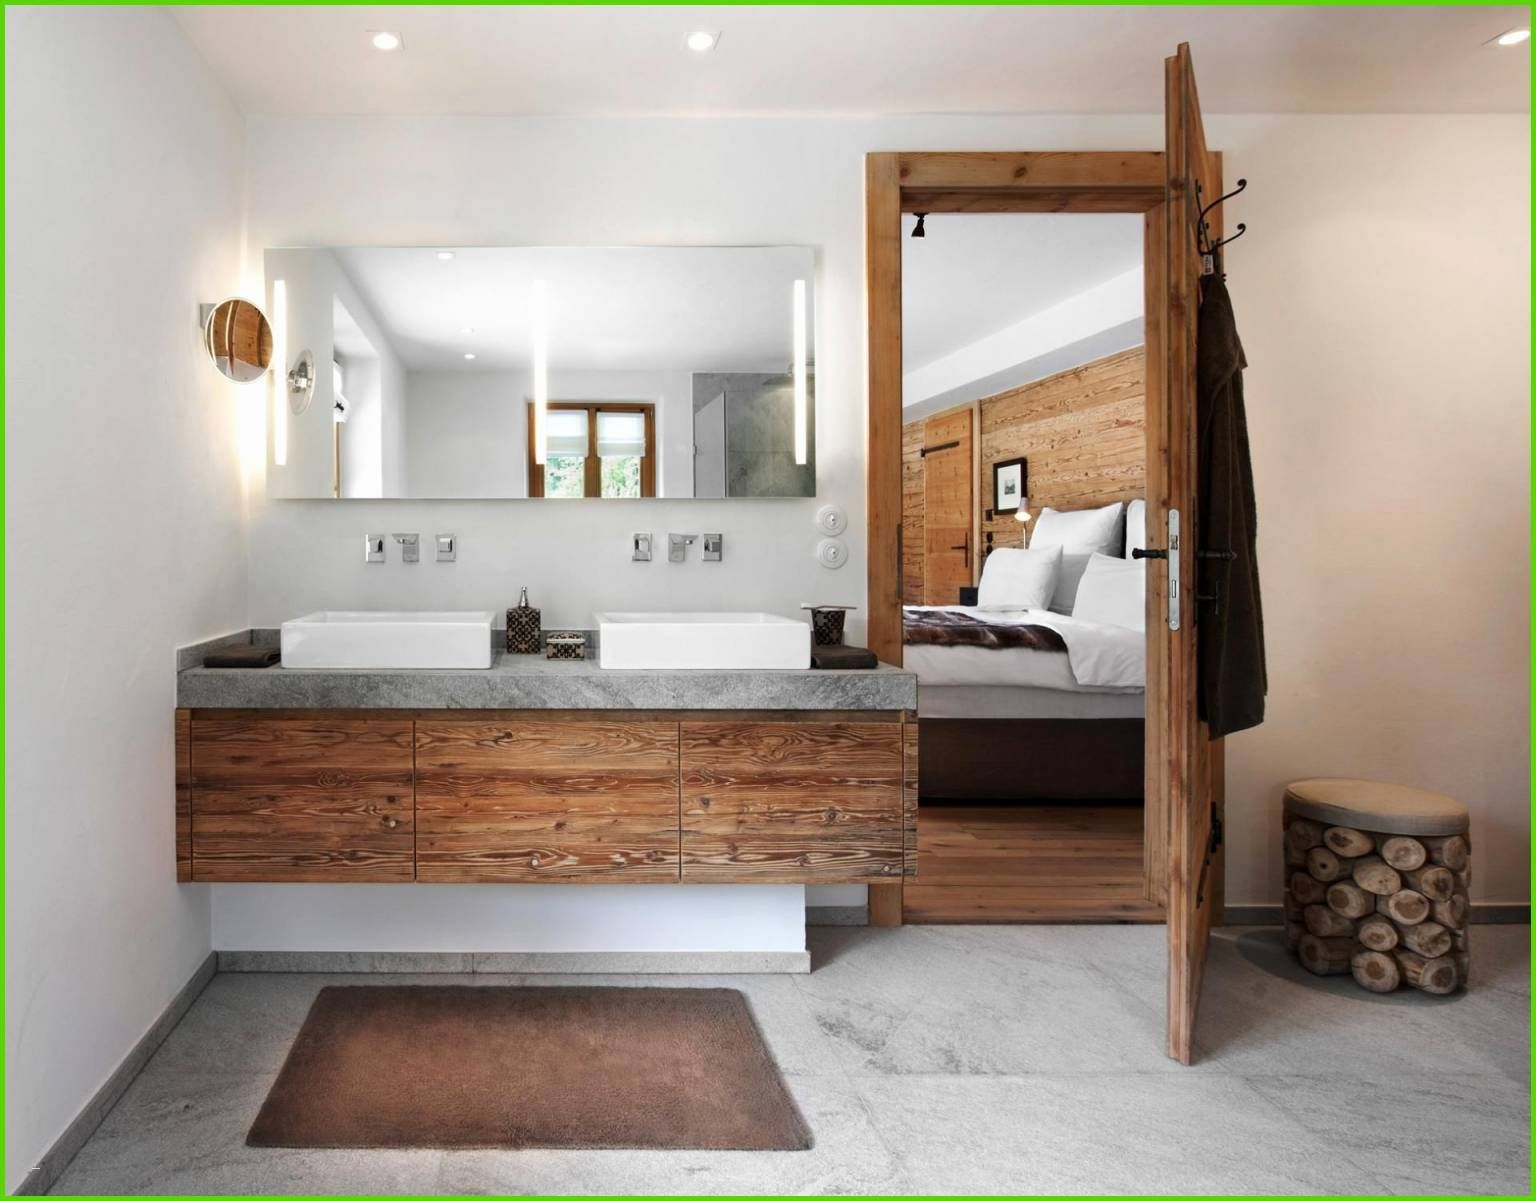 6 Badezimmer Grau Holz Schones Haus Rodinhoodmonastery Eintagamsee Tropische Wohnzimmer Badezimmer Accessoires Badezimmer Aufbewahrung